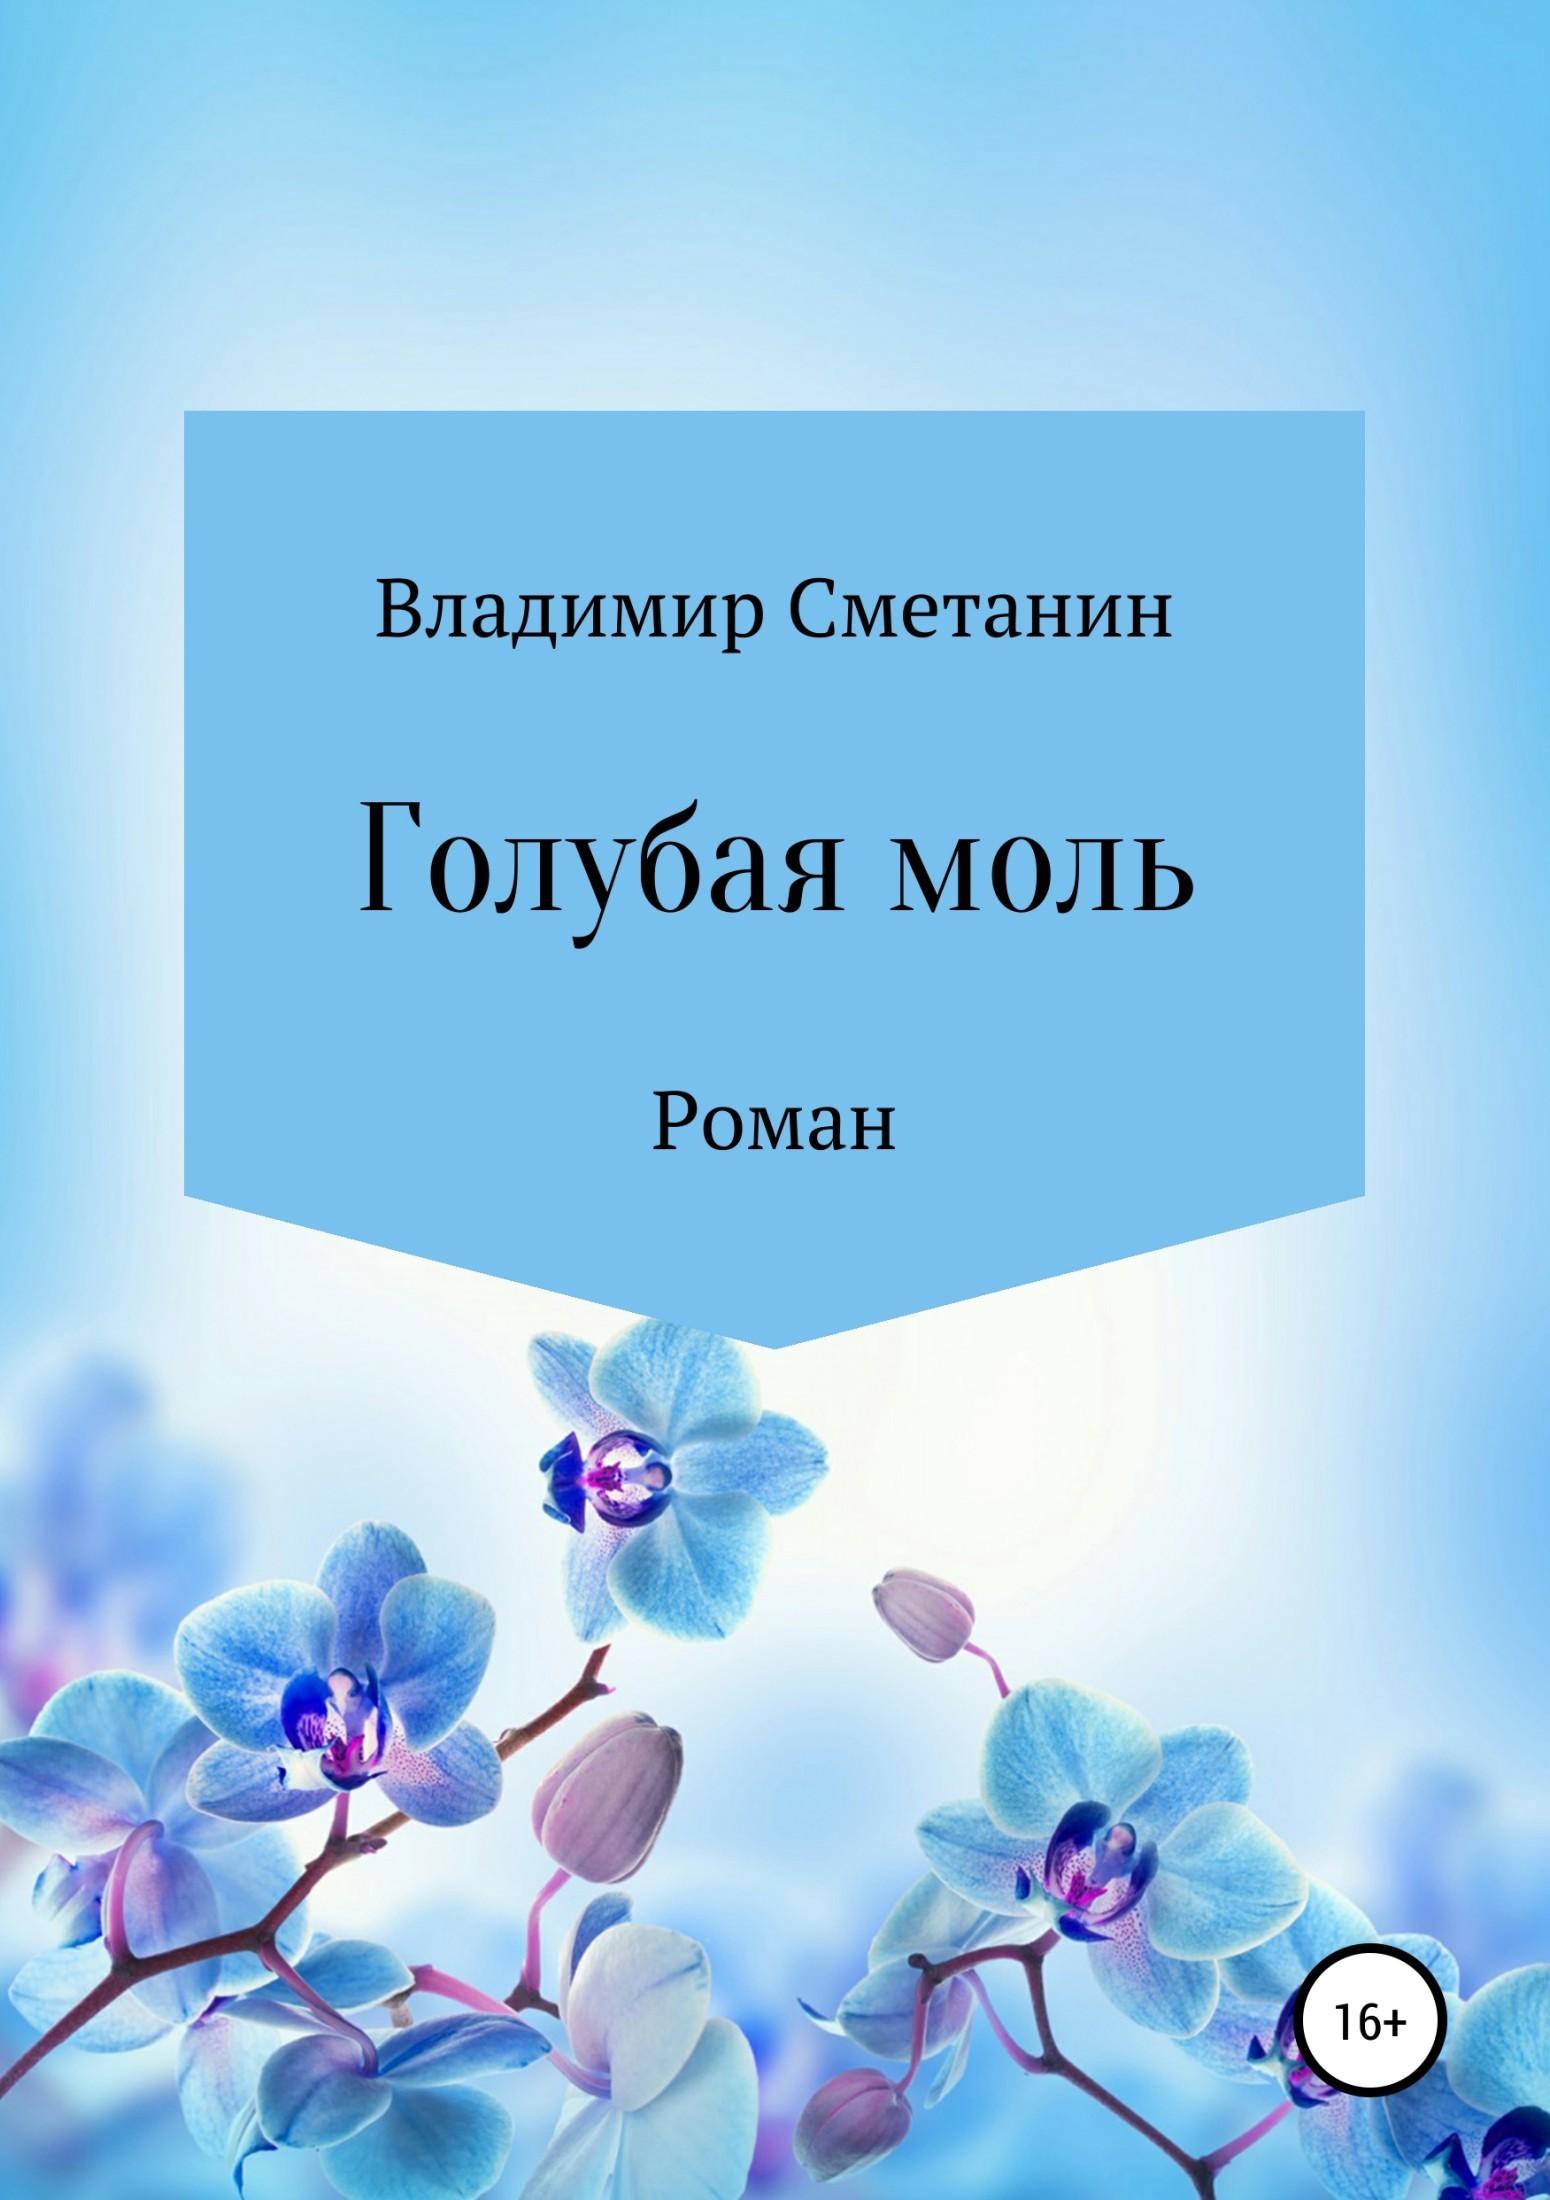 Владимир Алексеевич Сметанин Голубая моль удаление кожных меток лицо моль моль на лицо